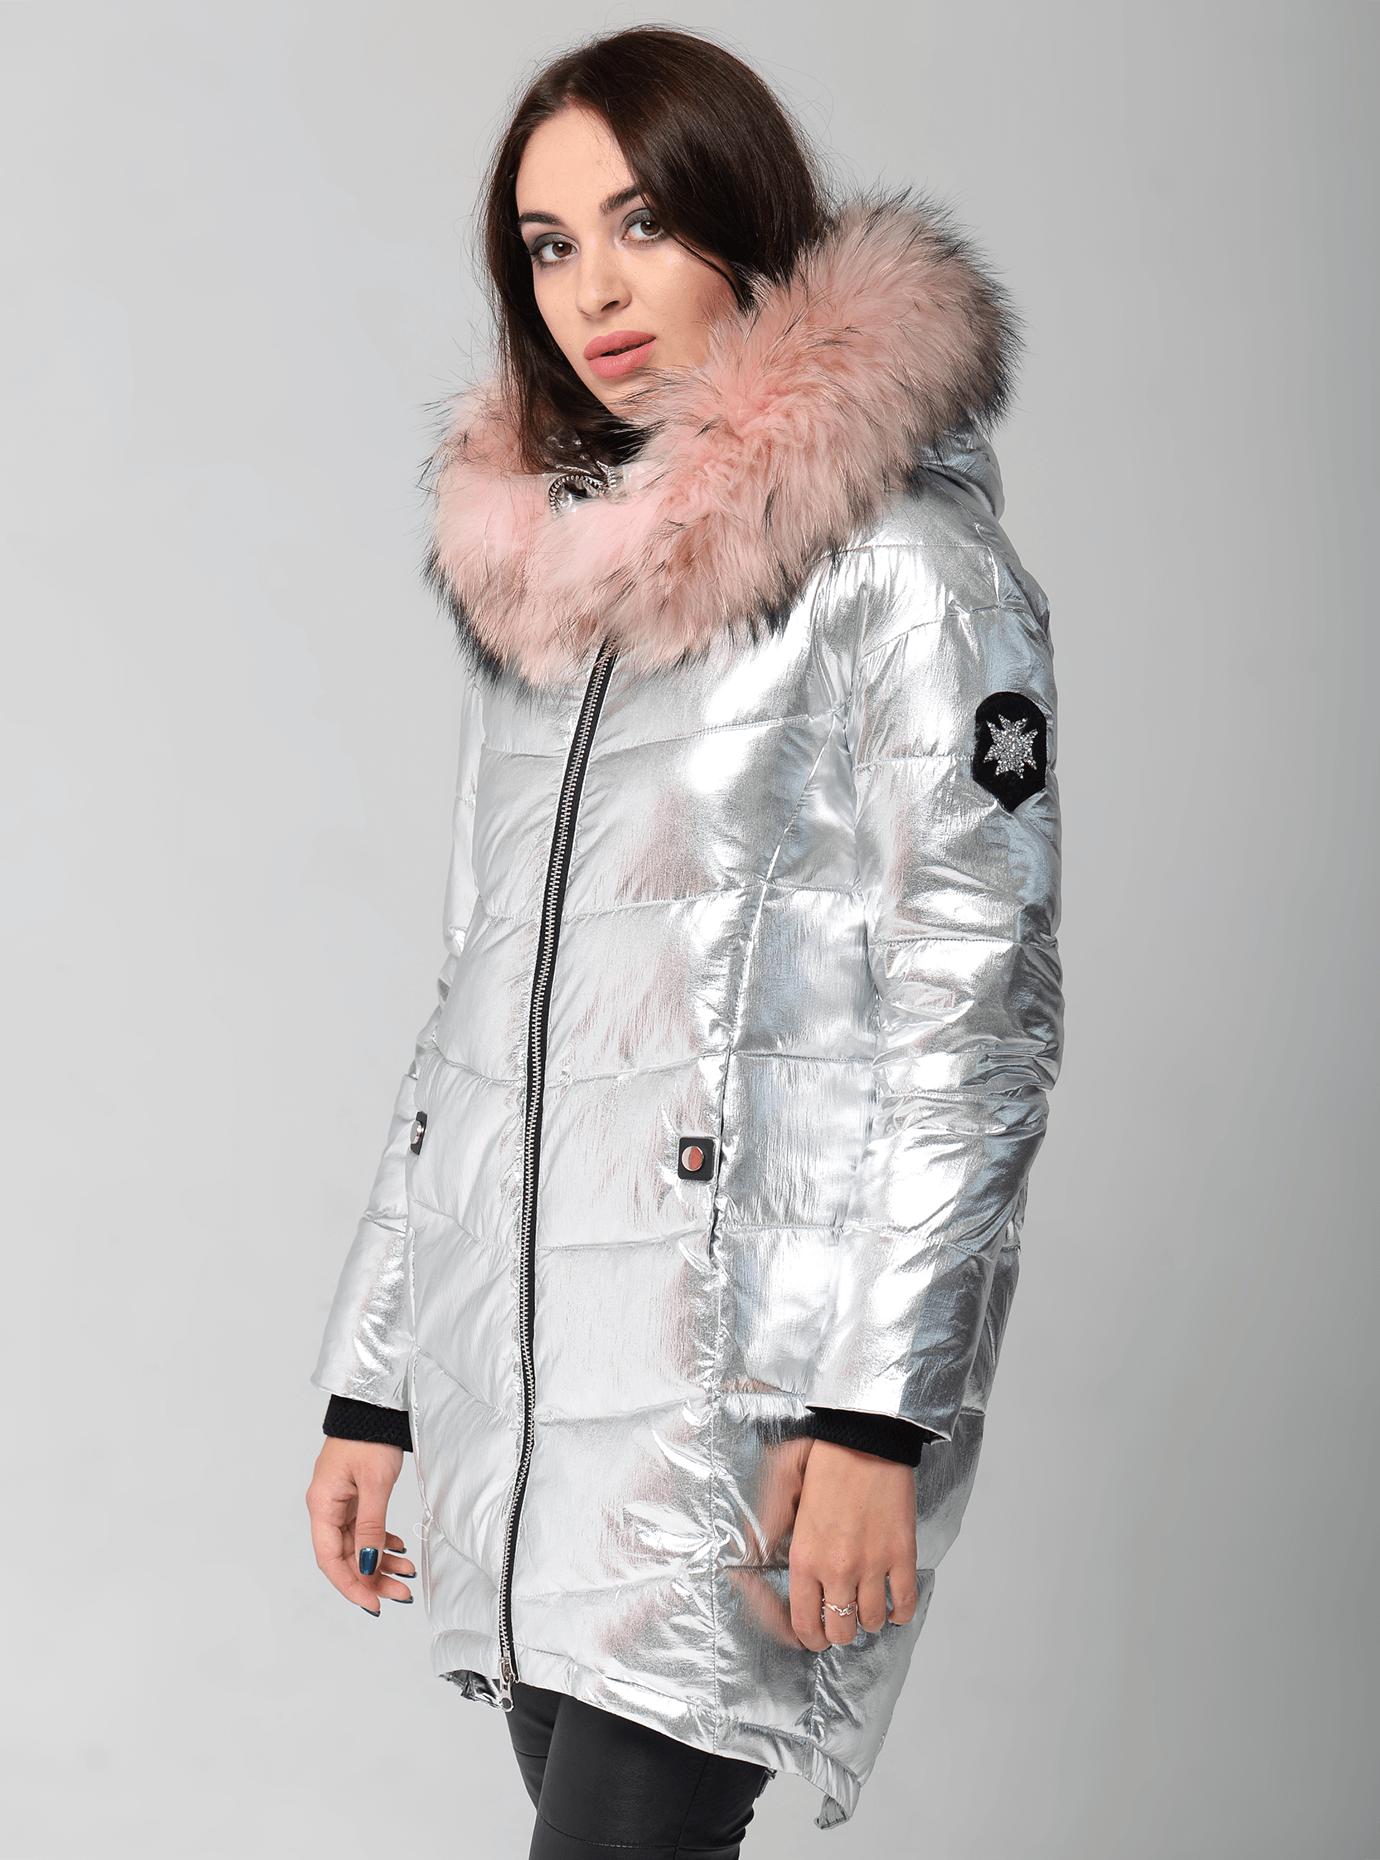 Куртка зимняя с удлиненной спинкой и мехом енота Серебряный S (05-V191280): фото - Alster.ua